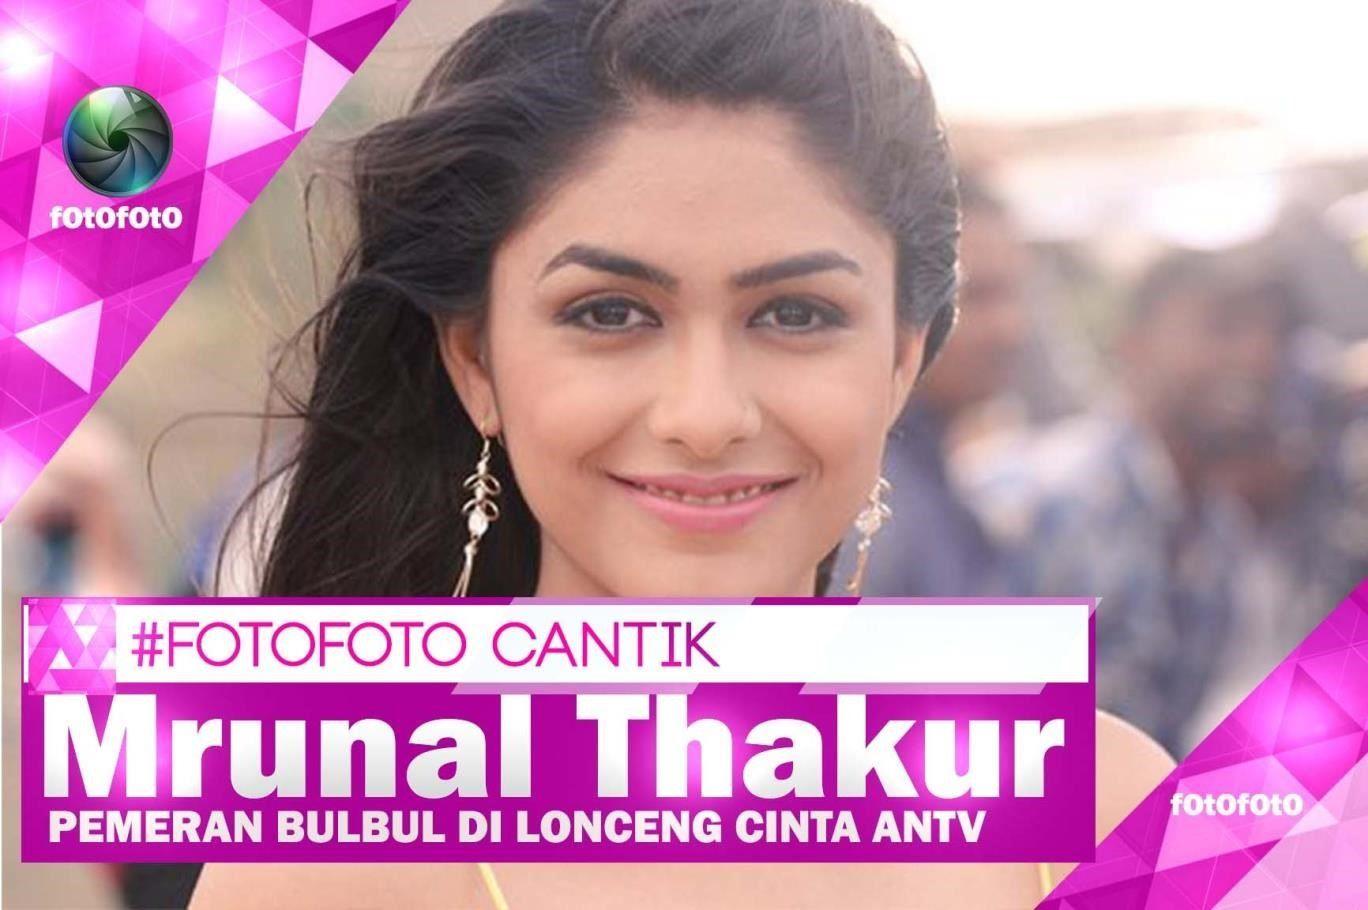 Profil Biodata Mrunal Thakur Pemeran Bulbul Arora Di Lonceng Cinta